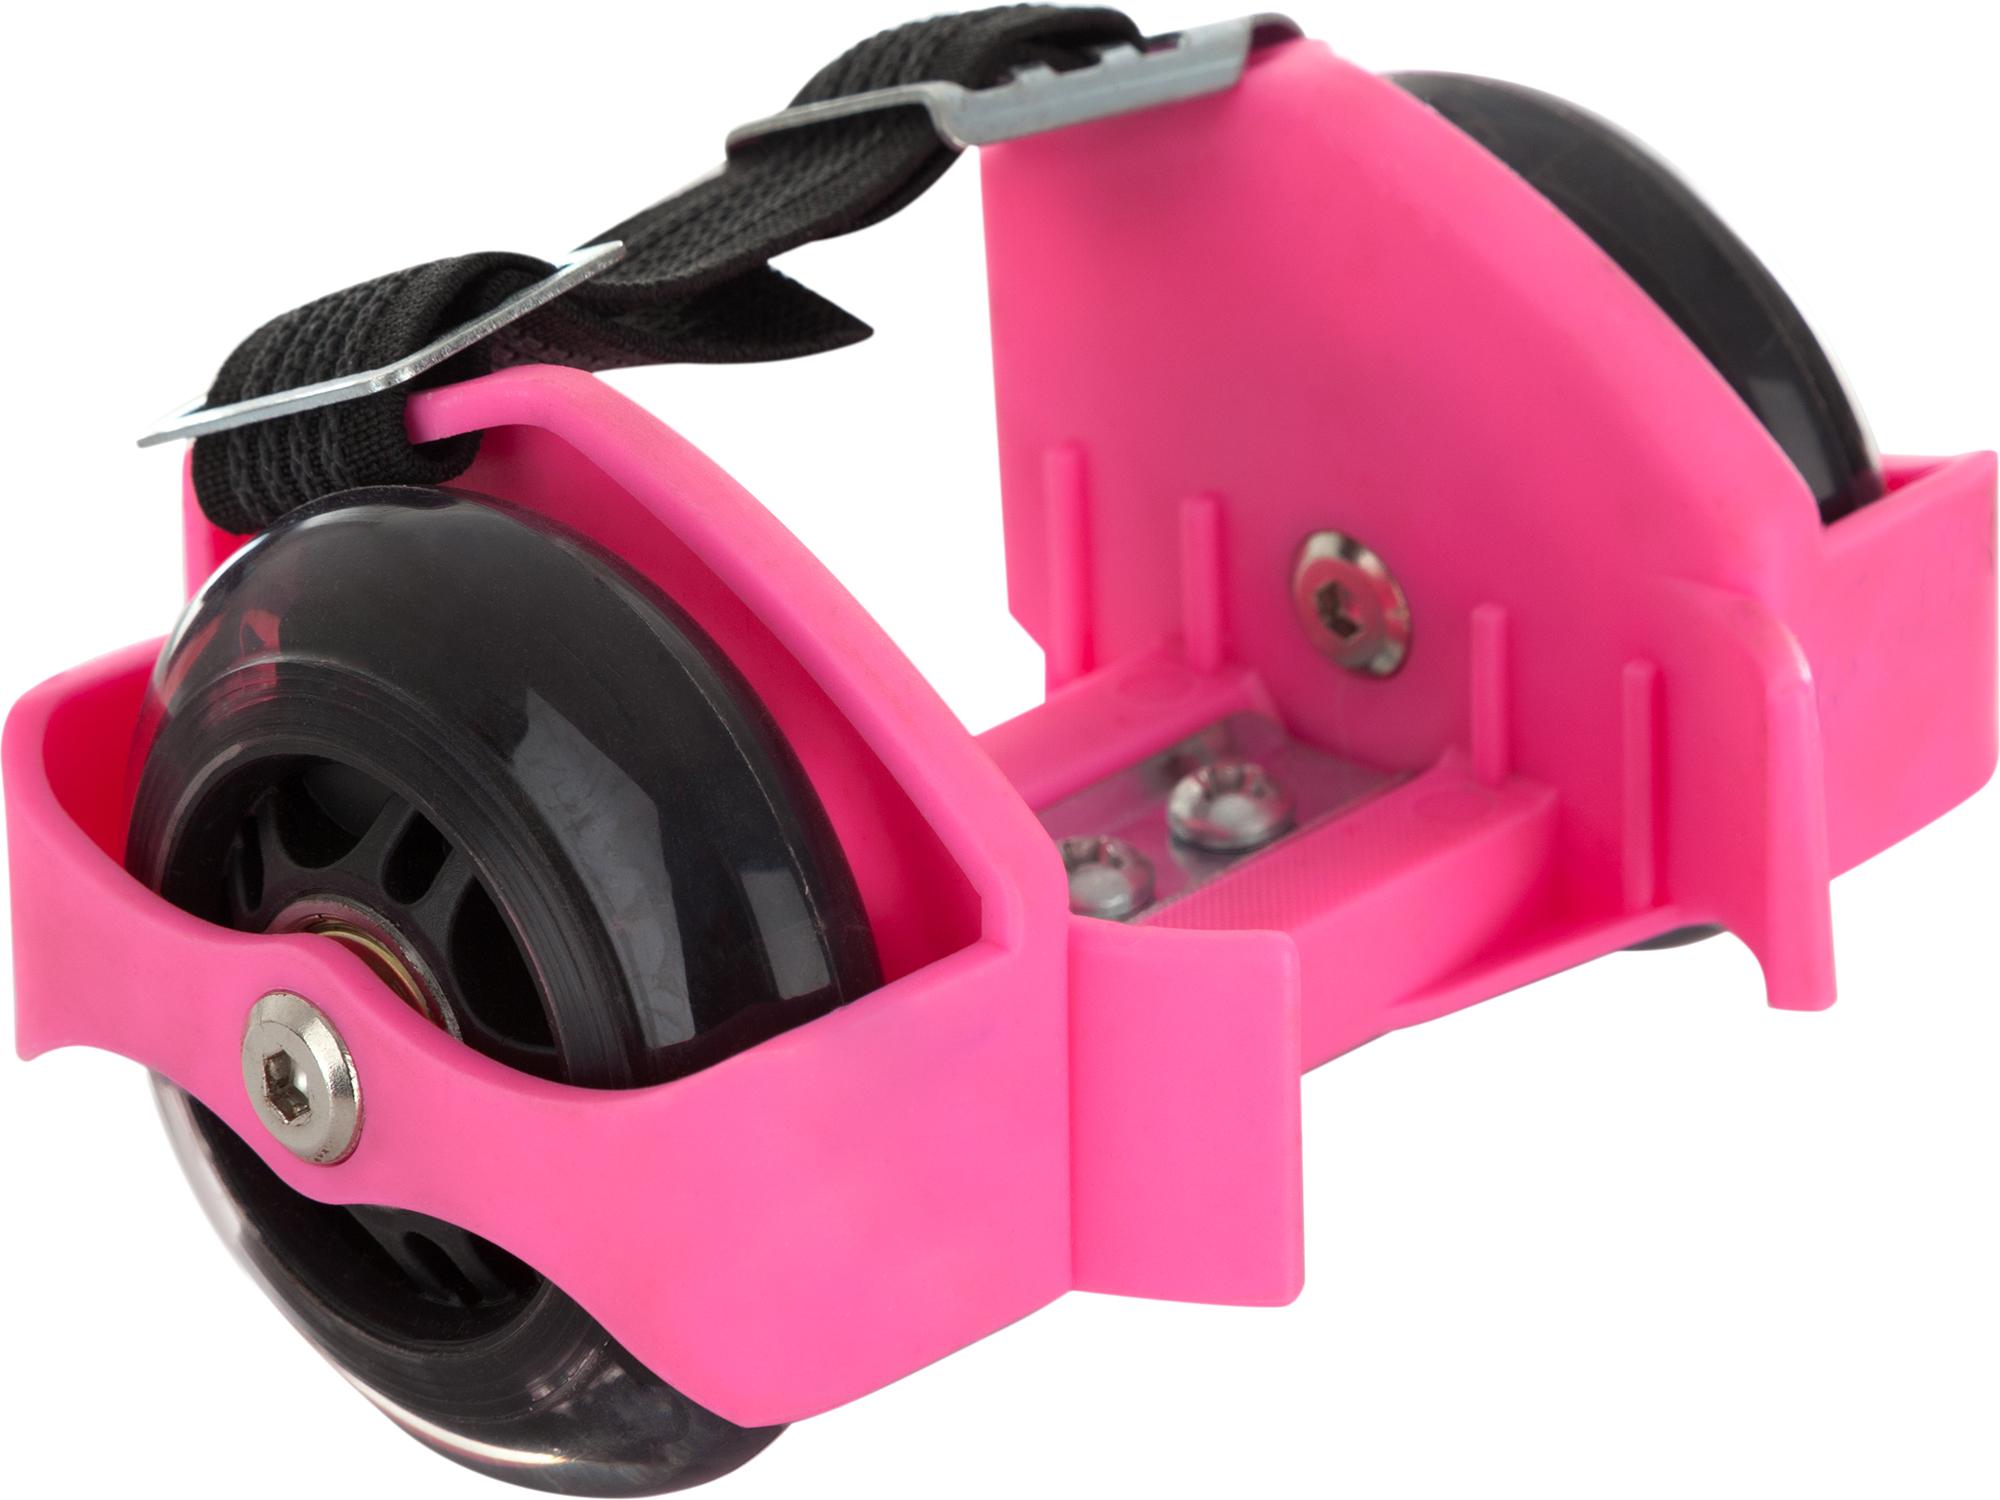 REACTION Ролики на обувь REACTION контактные ролики на гриндер